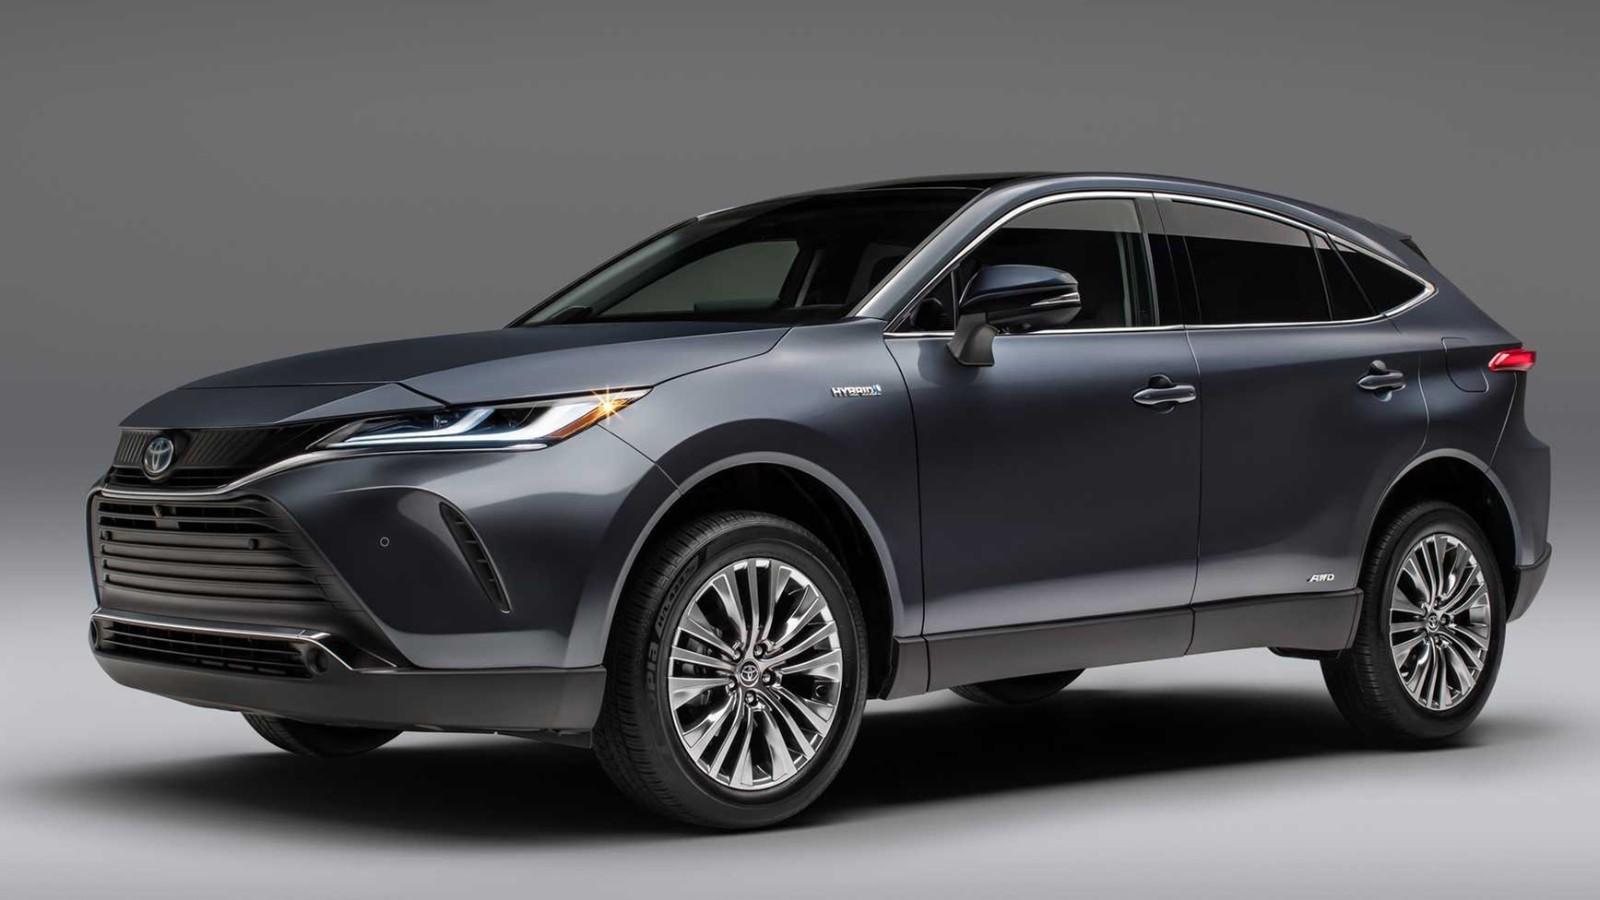 先别急买车,2021年有哪些即将爆款的新车值得期待?_购车手册 -第5张图片-汽车笔记网